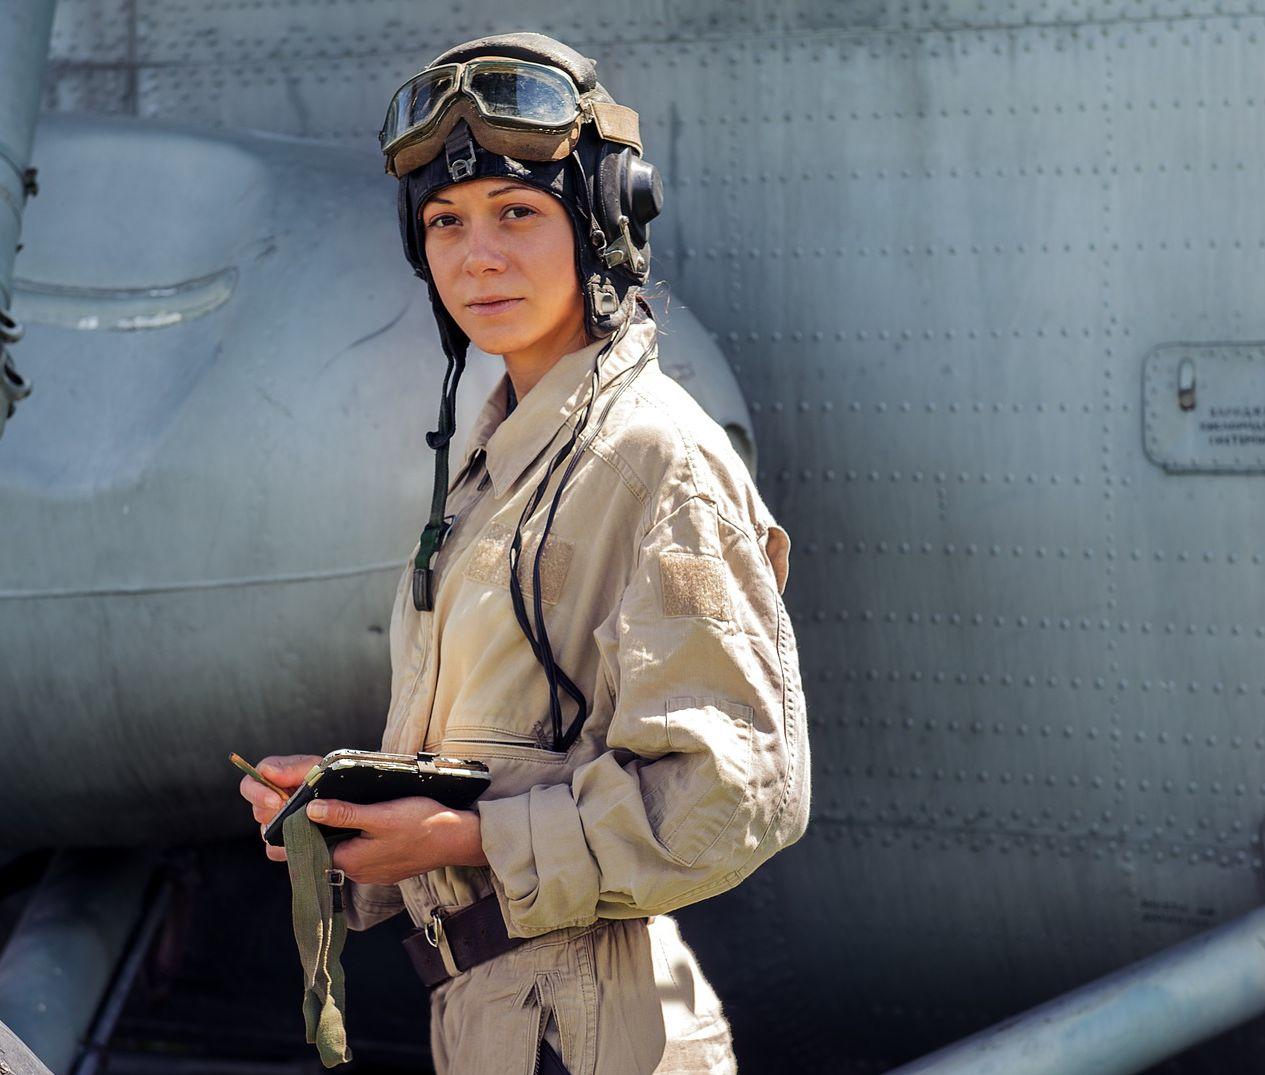 נשים פורצות דרך בתעופה